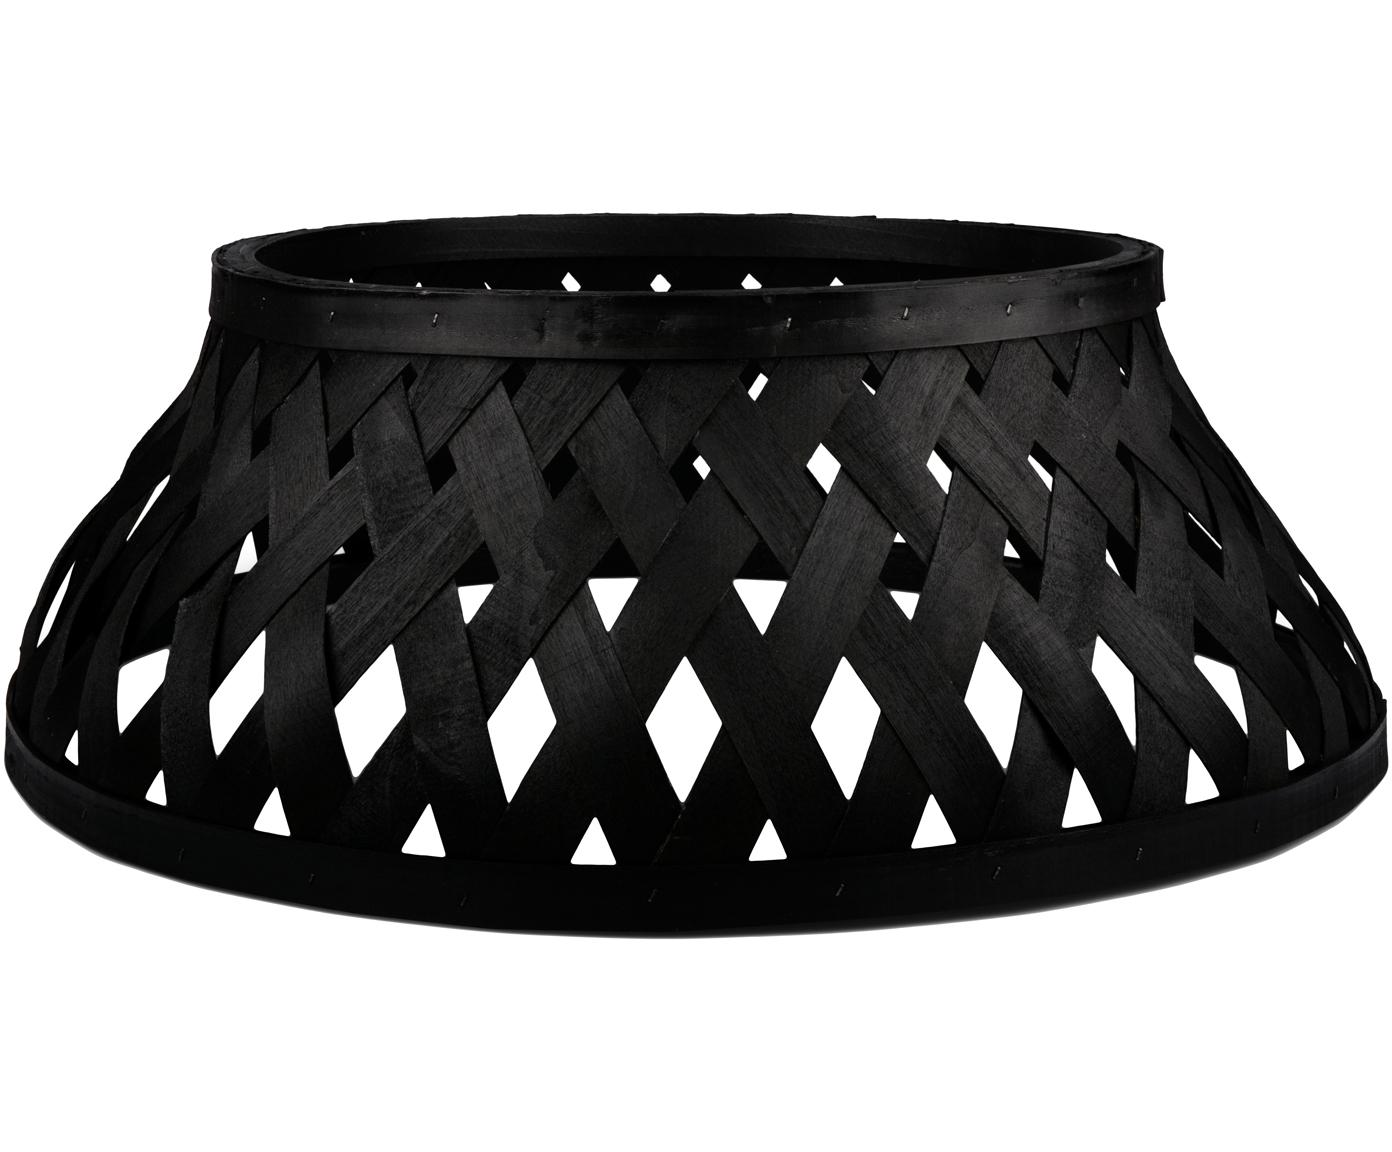 Funda para soporte de Árbol de Navidad Sten, Madera recubierta, Negro, Ø 55 x Al 23 cm